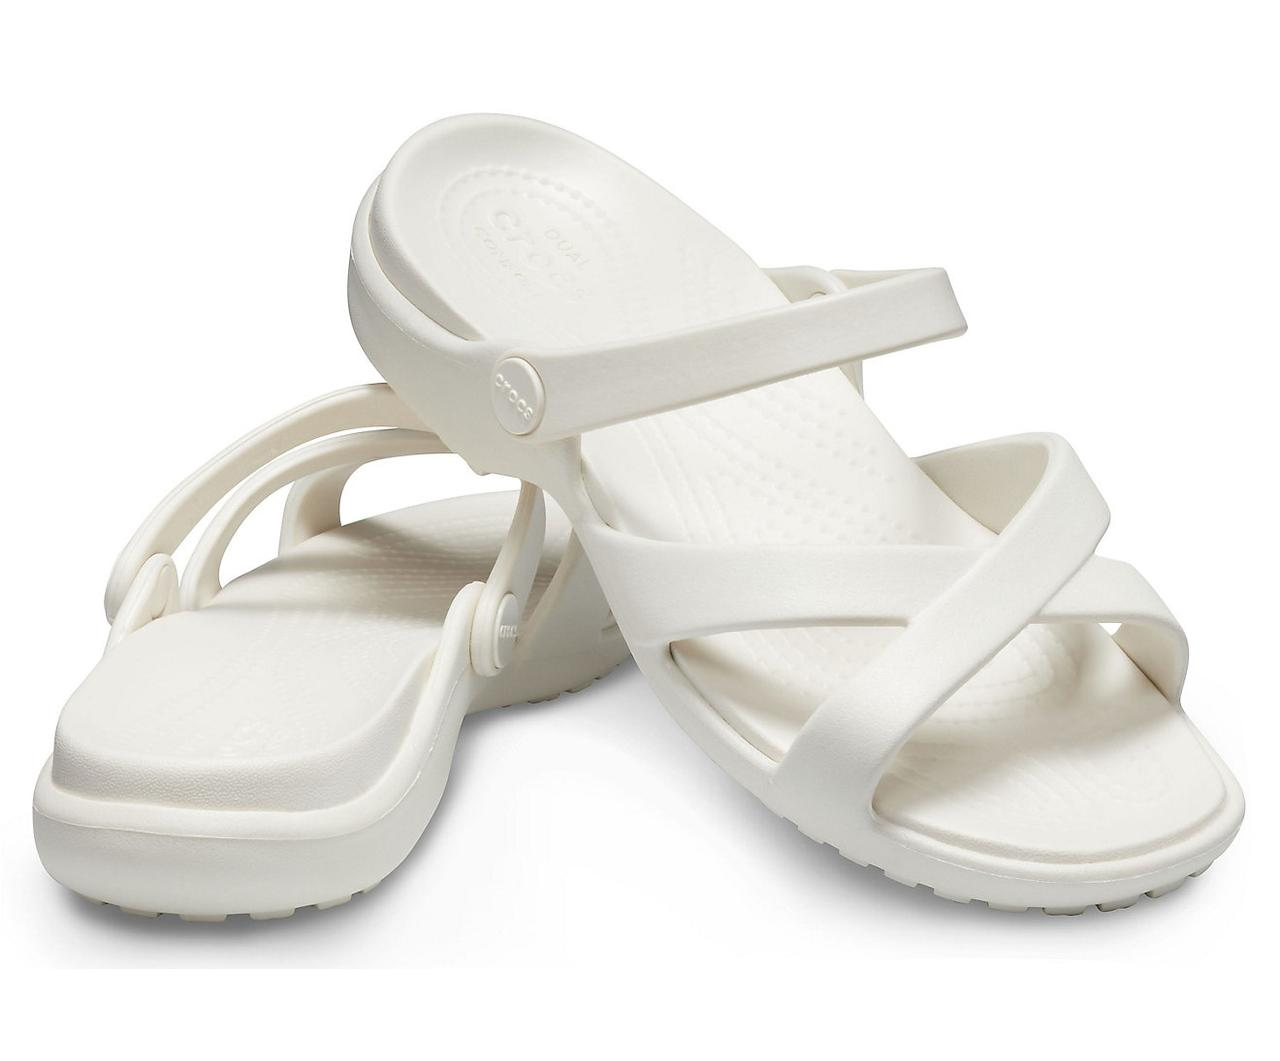 Шлепанцы женские Кроксы Мелин Кроссбенд оригинал / Crocs Women's Meleen Cross-Band Sandal (205472), Молочные